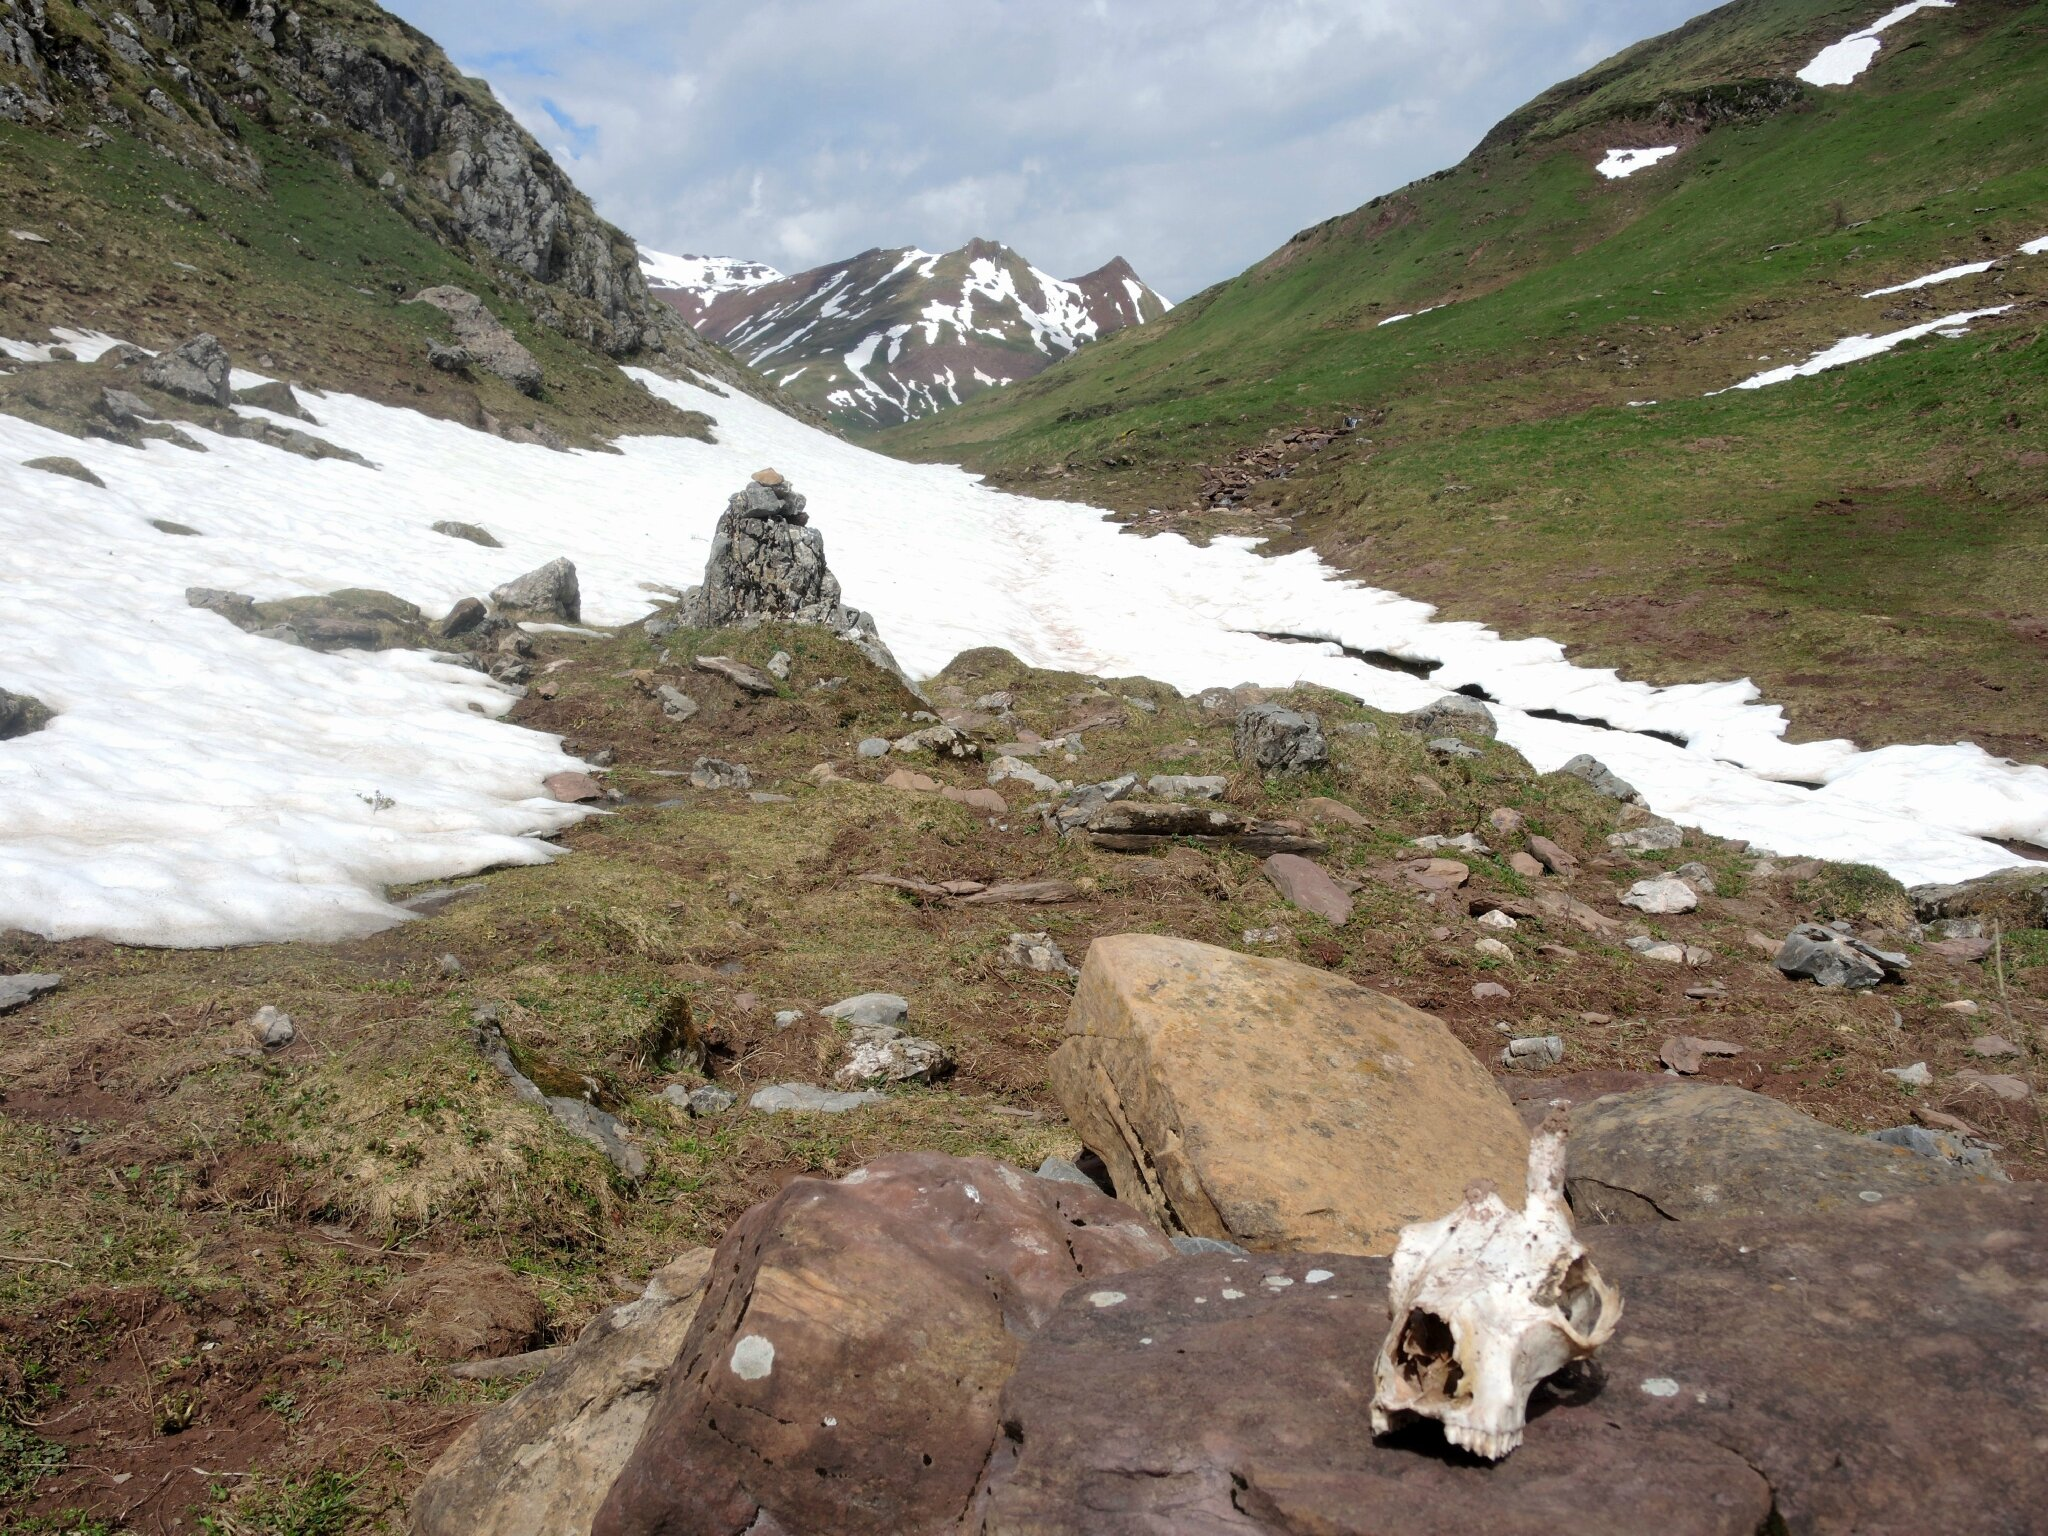 Aguas Tuertas, vallon enneigé et squelette (Espagne)